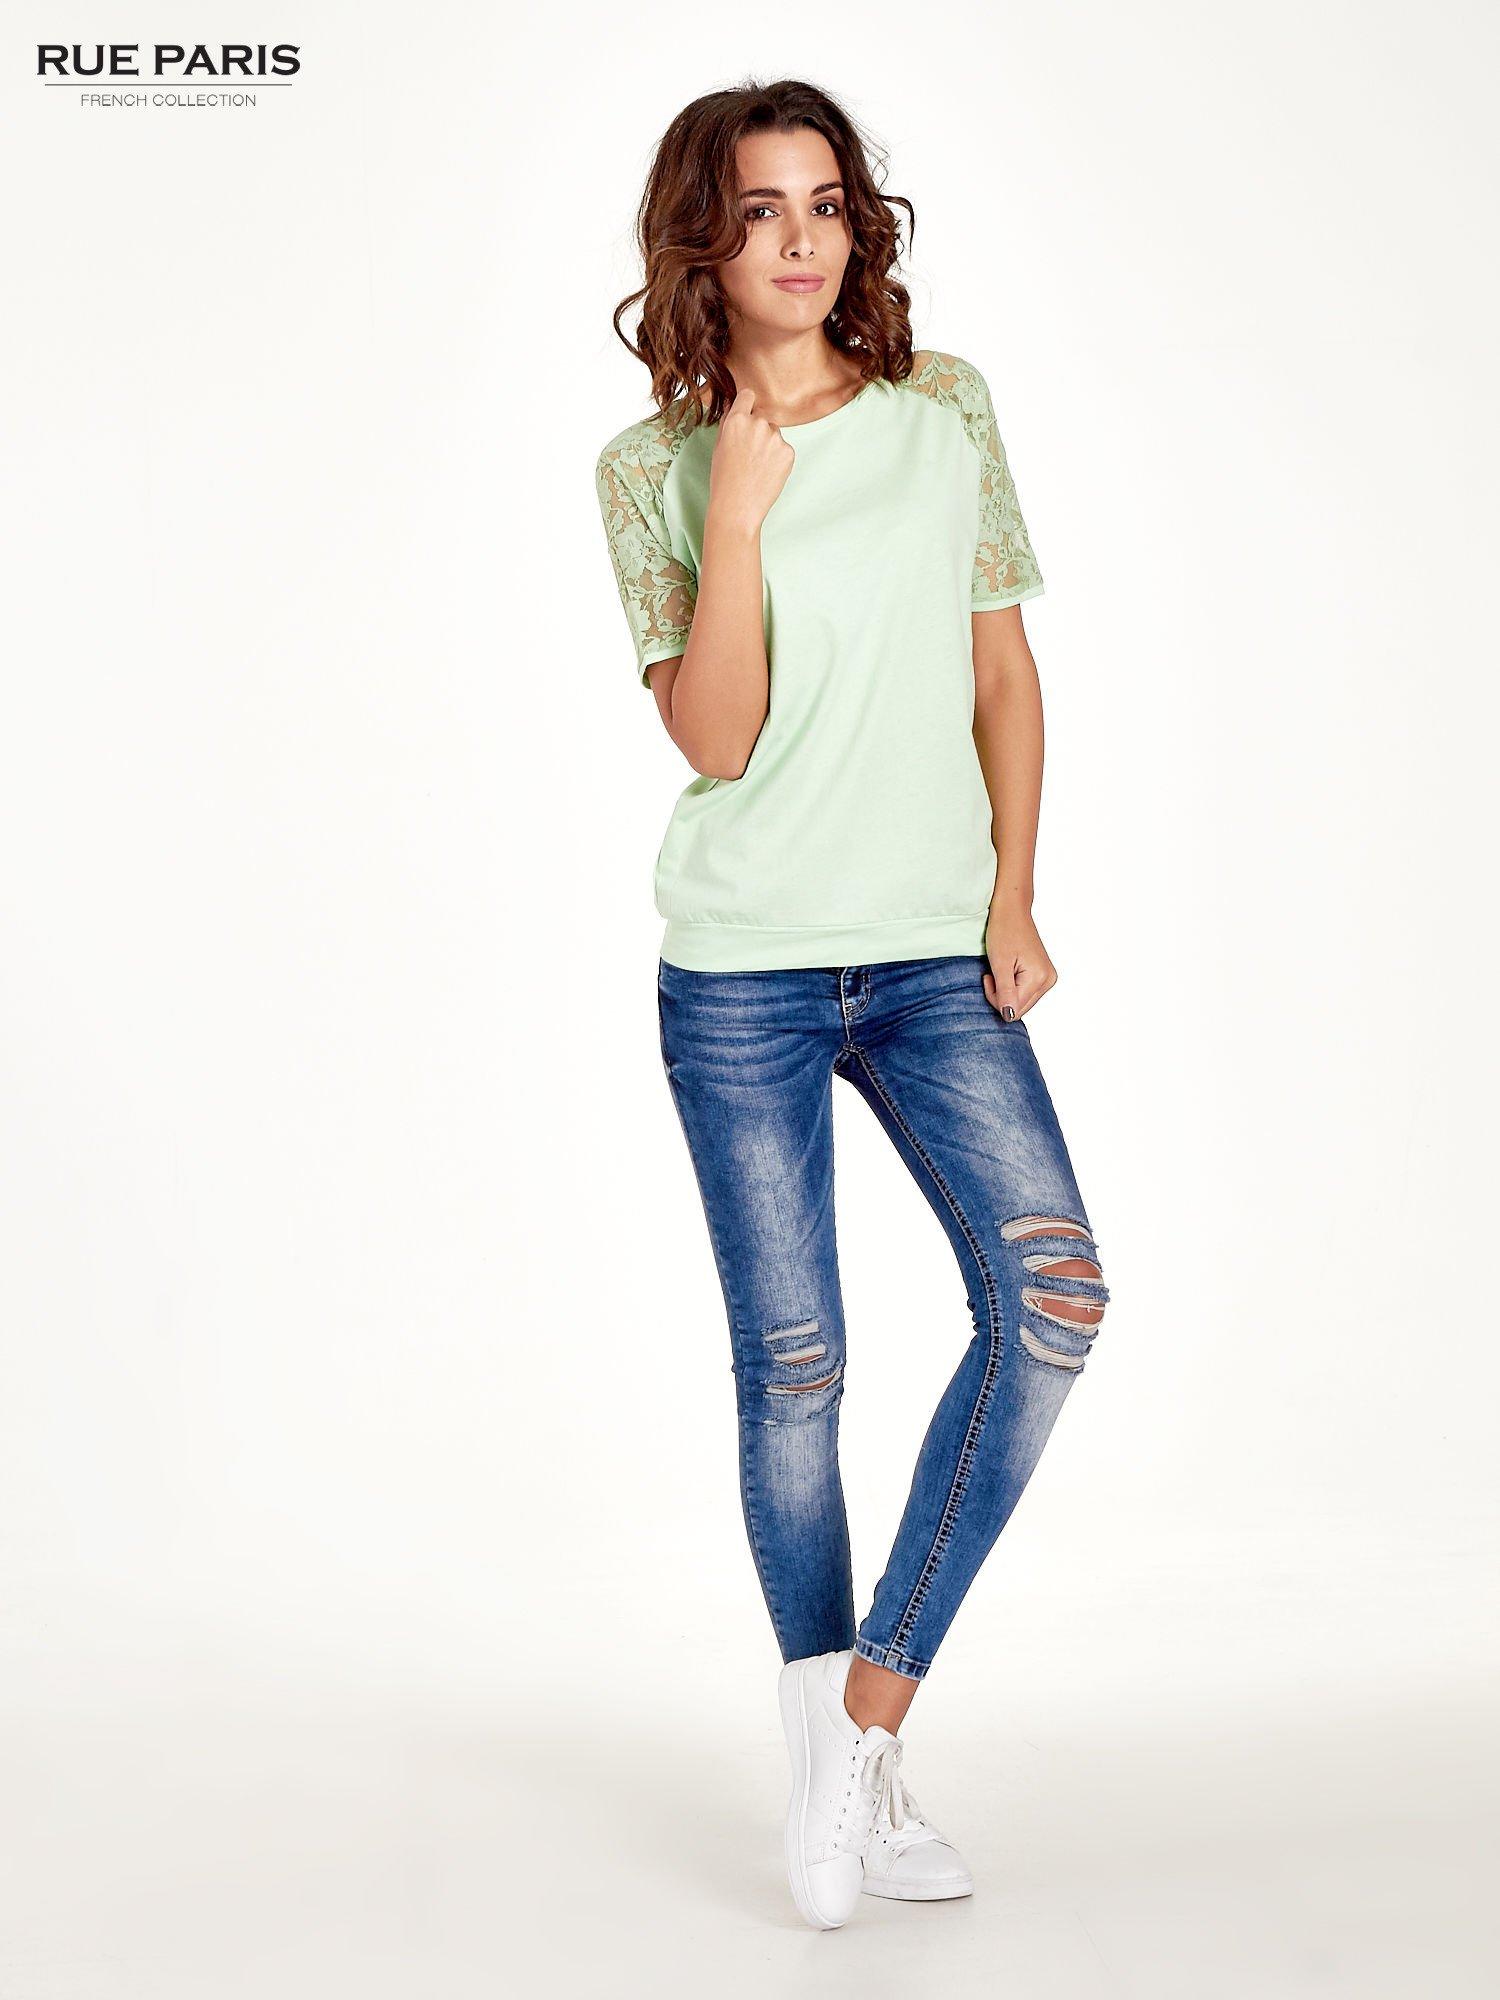 Jasnozielony t-shirt z koronkowymi rękawami długości 3/4                                  zdj.                                  5